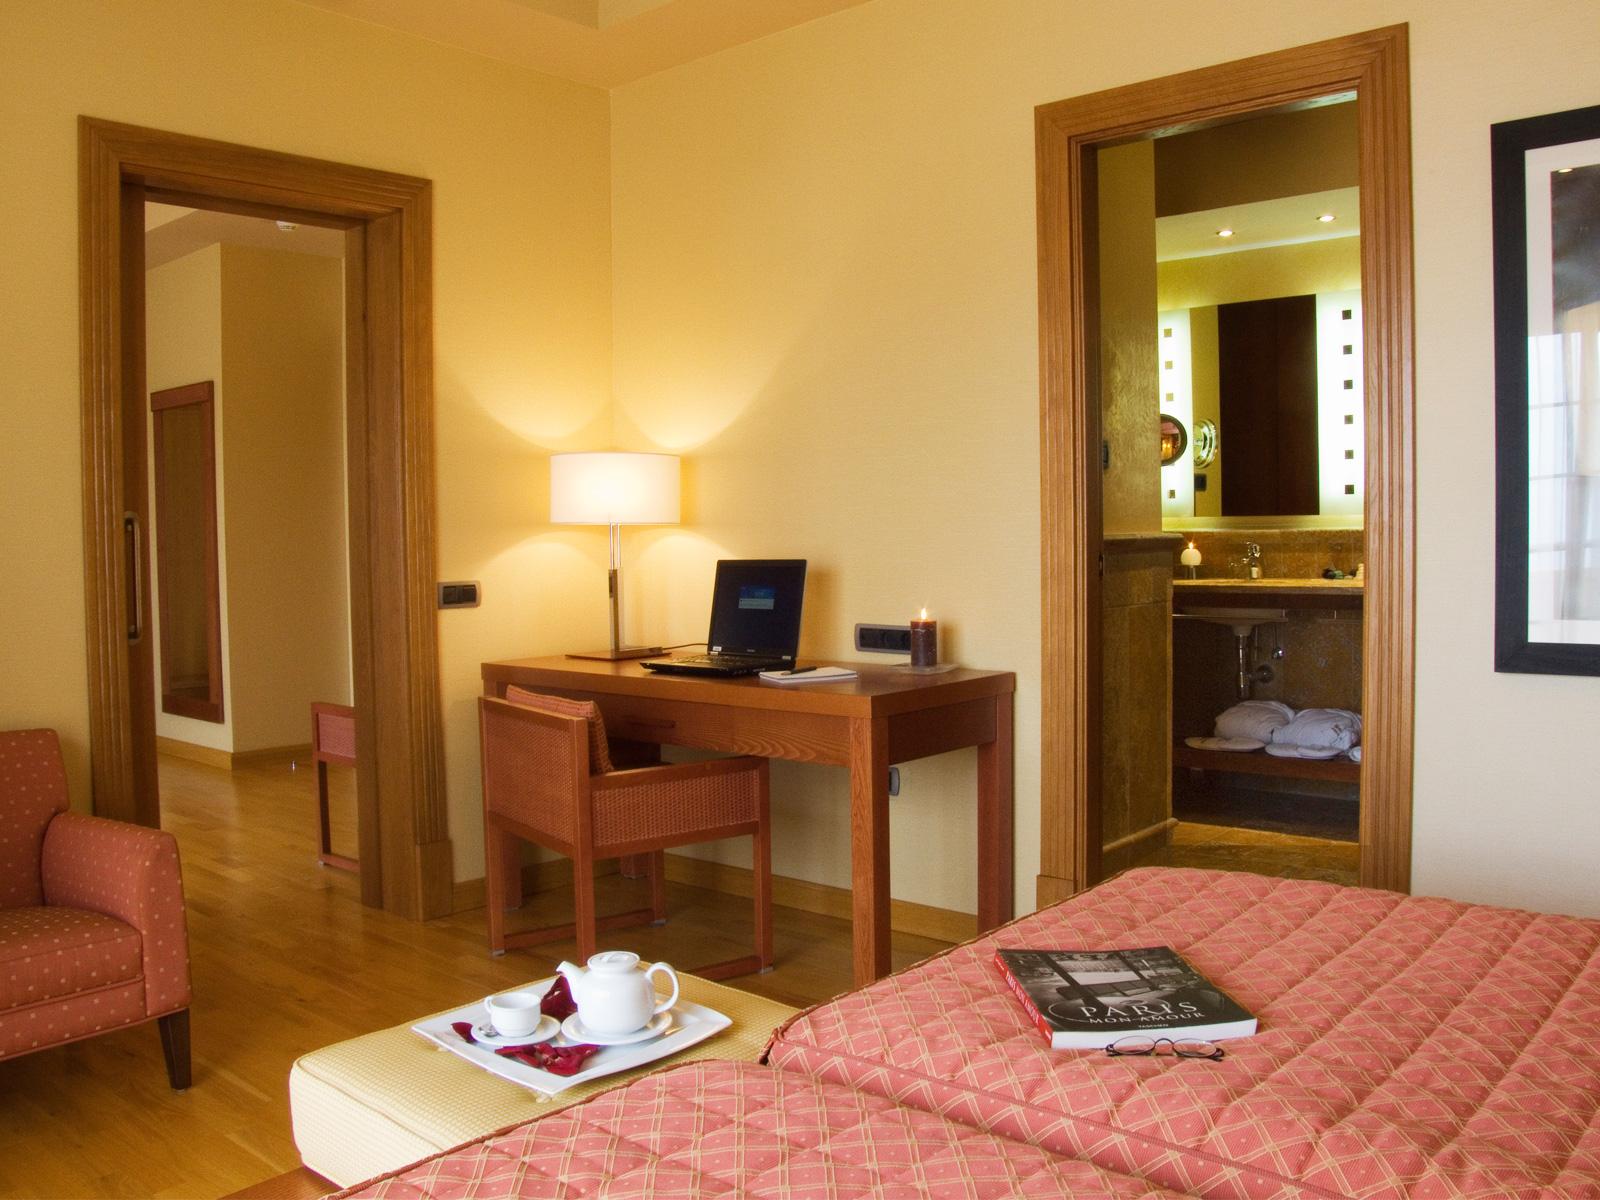 Rooms-Wellness Hotel Almería - Vincci Hoteles